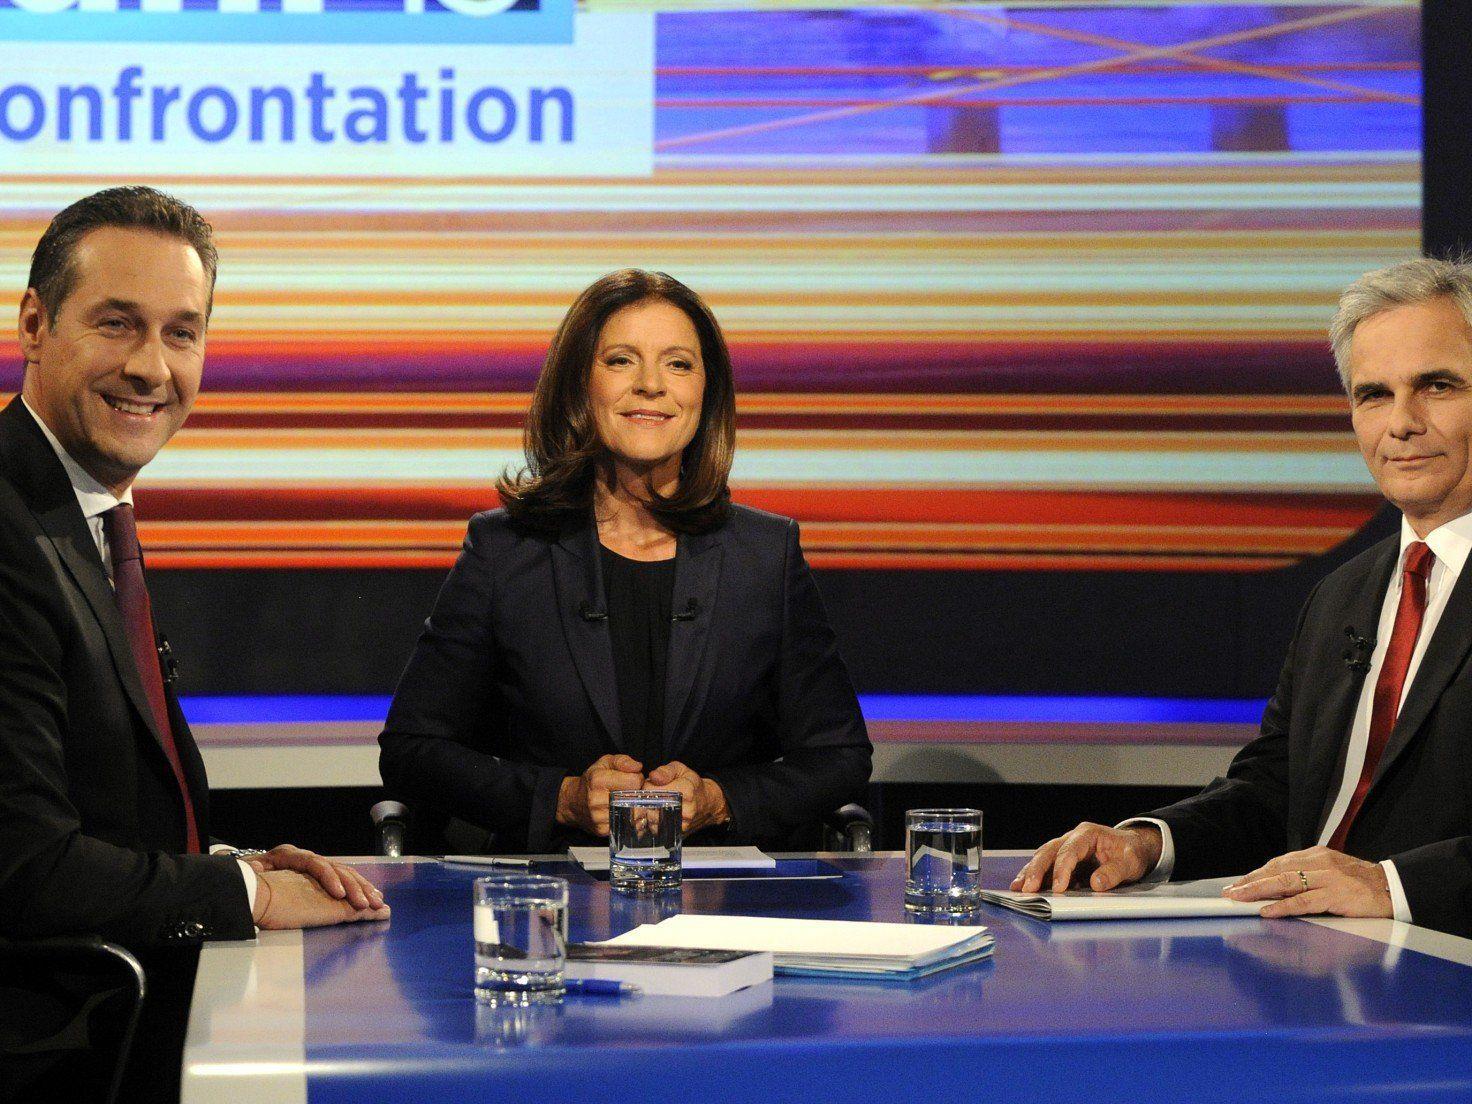 Das TV-Duell zwischen Werner Faymann und Heinz-Christian Strache endete in einer hitzigen Diskussion.